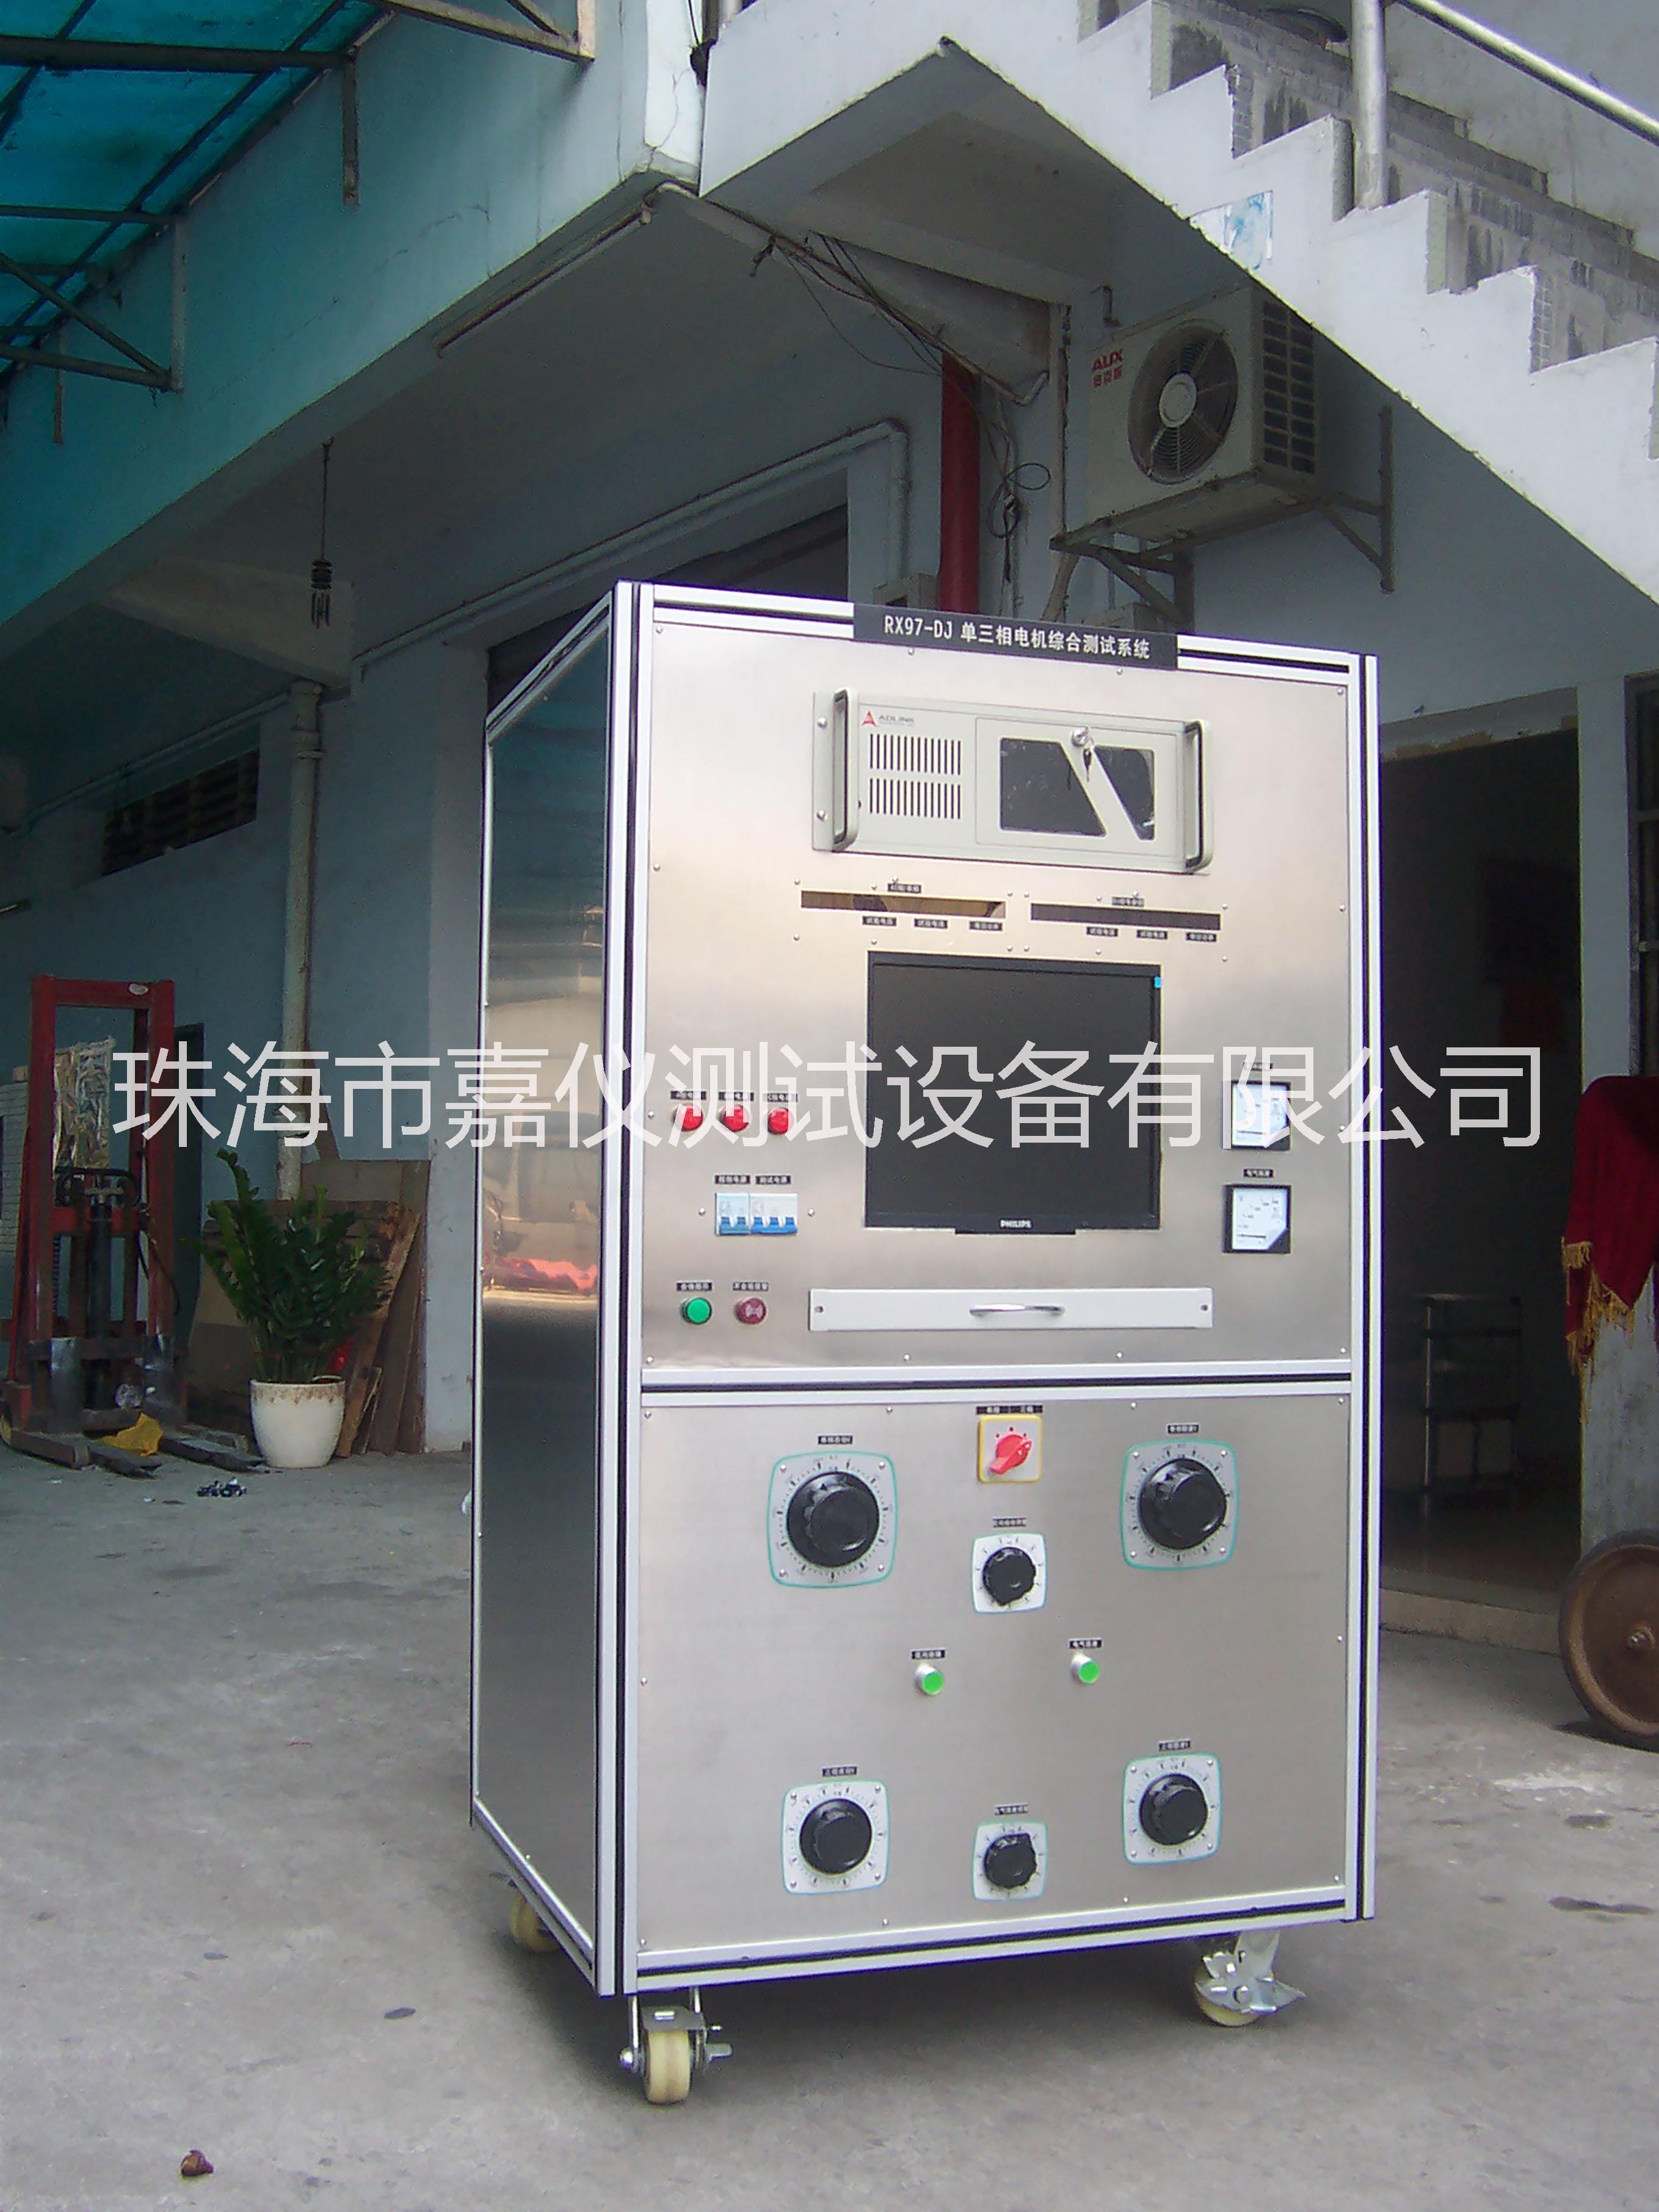 尘试验箱图片/尘试验箱样板图 (2)